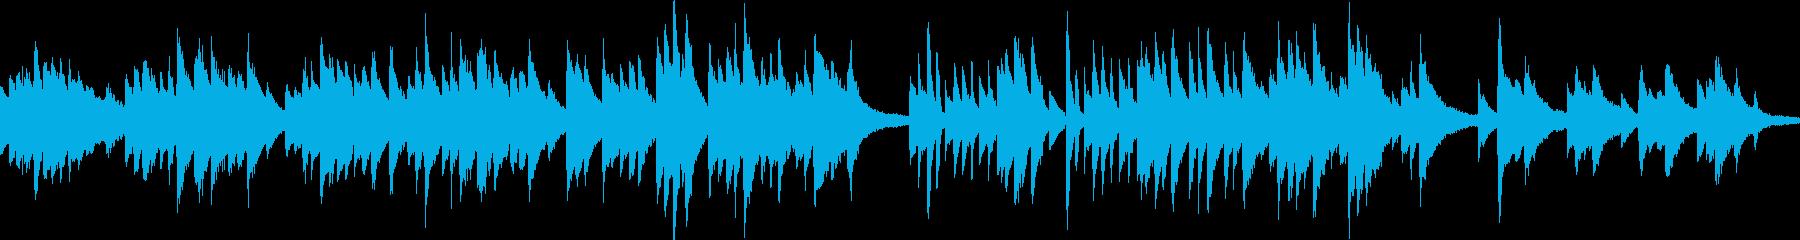 ピアノ演奏(ループ)和風・故郷・夕暮れの再生済みの波形